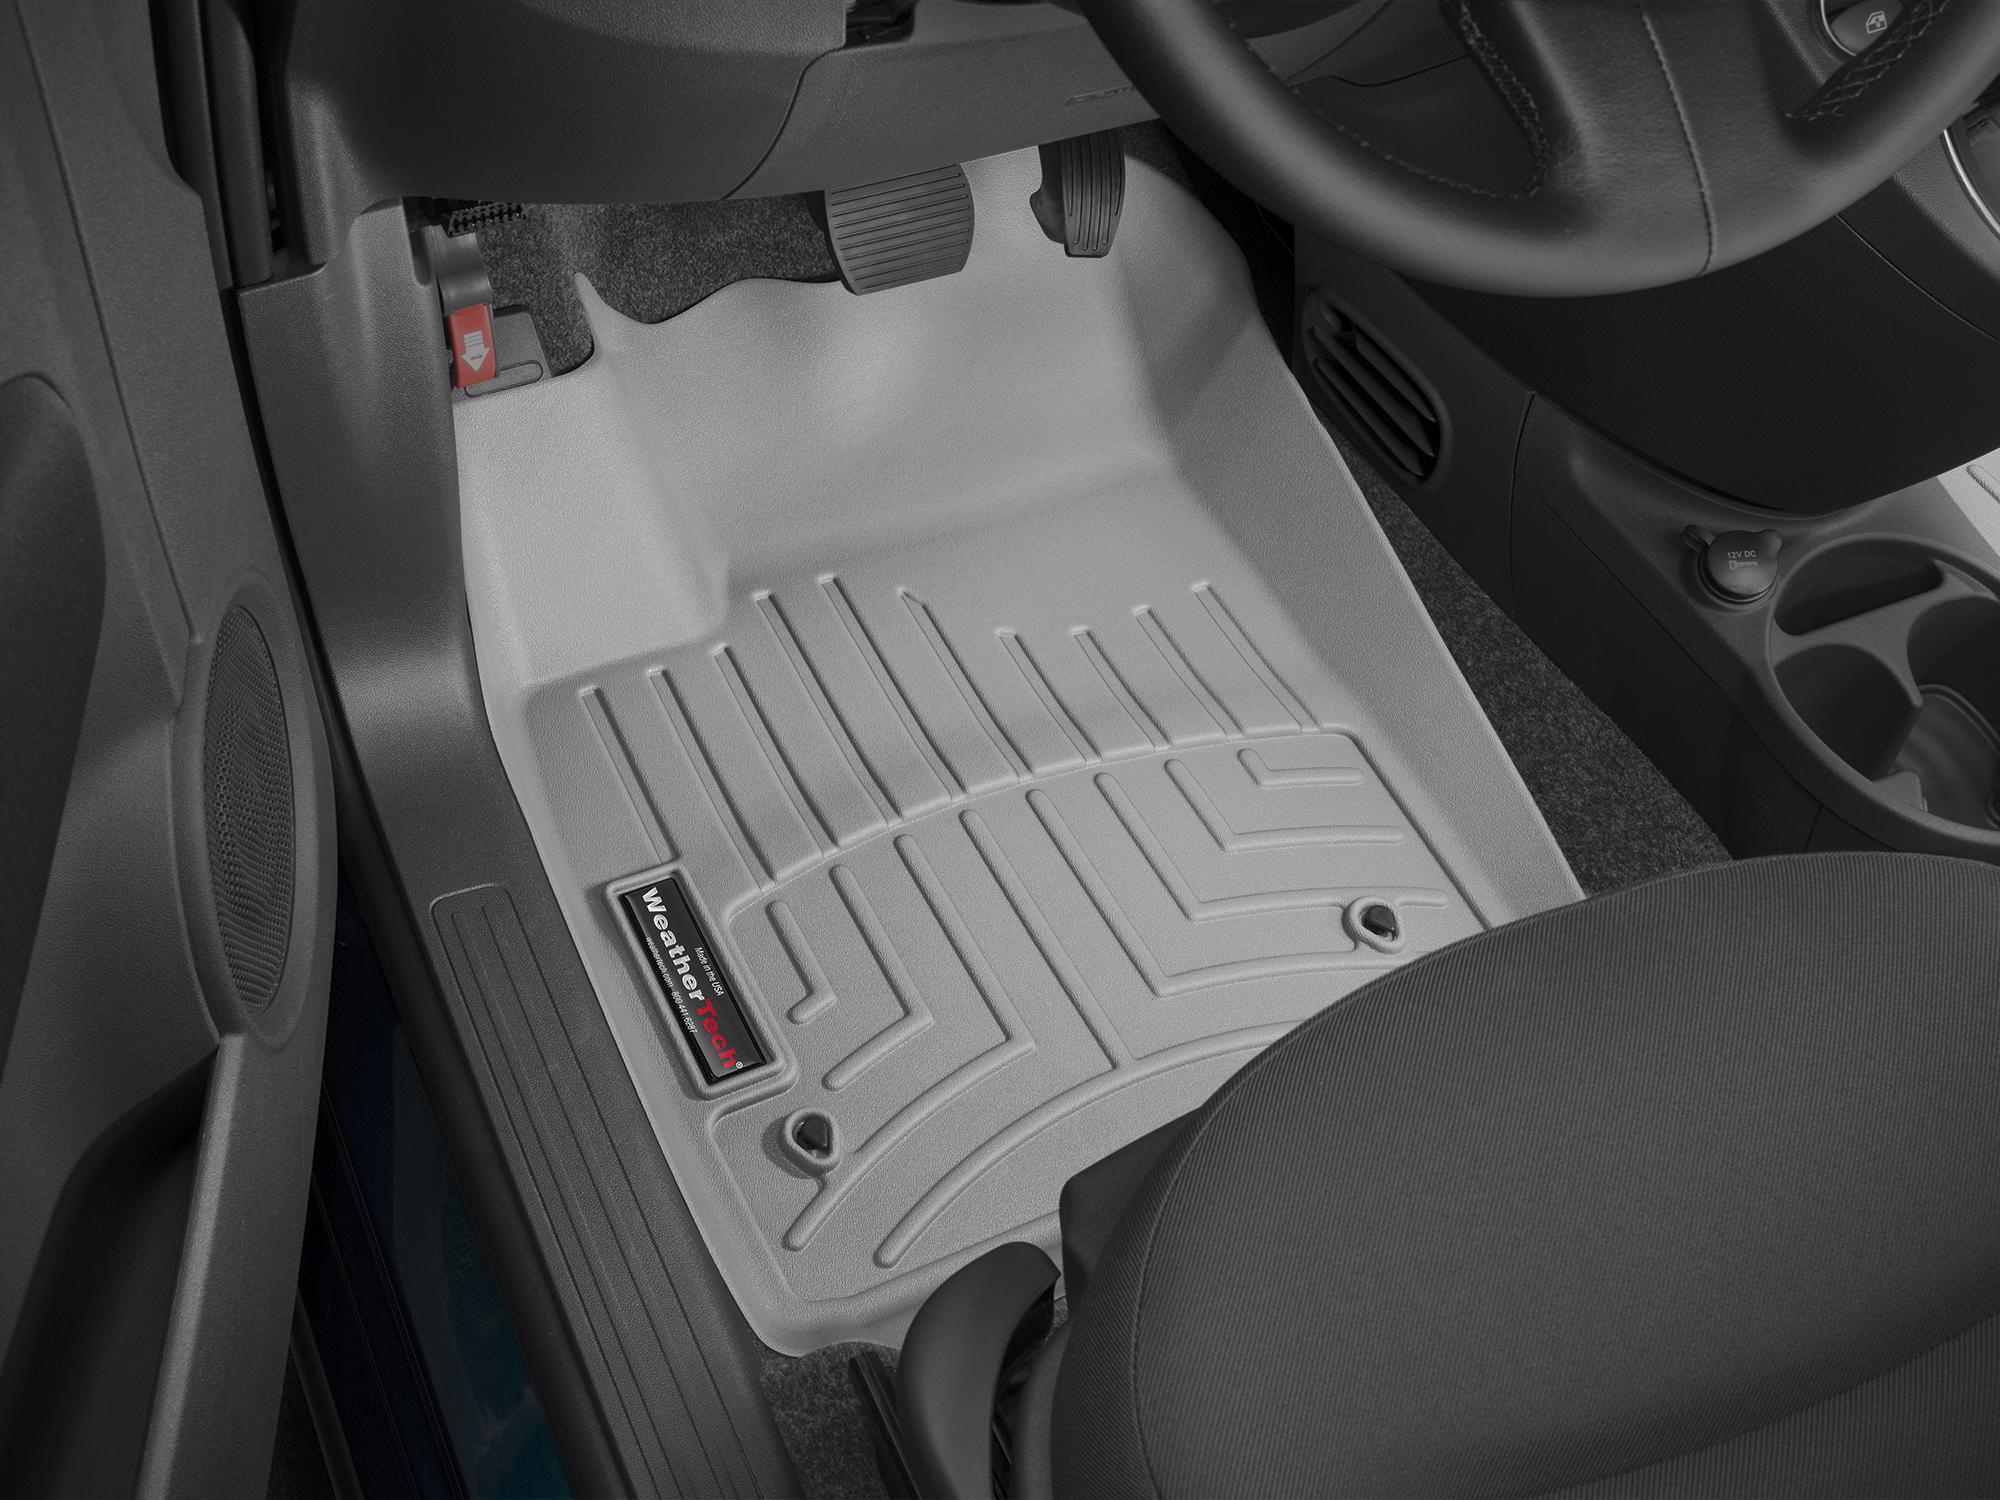 Tappeti gomma su misura bordo alto Fiat 500 07>17 Grigio A751*